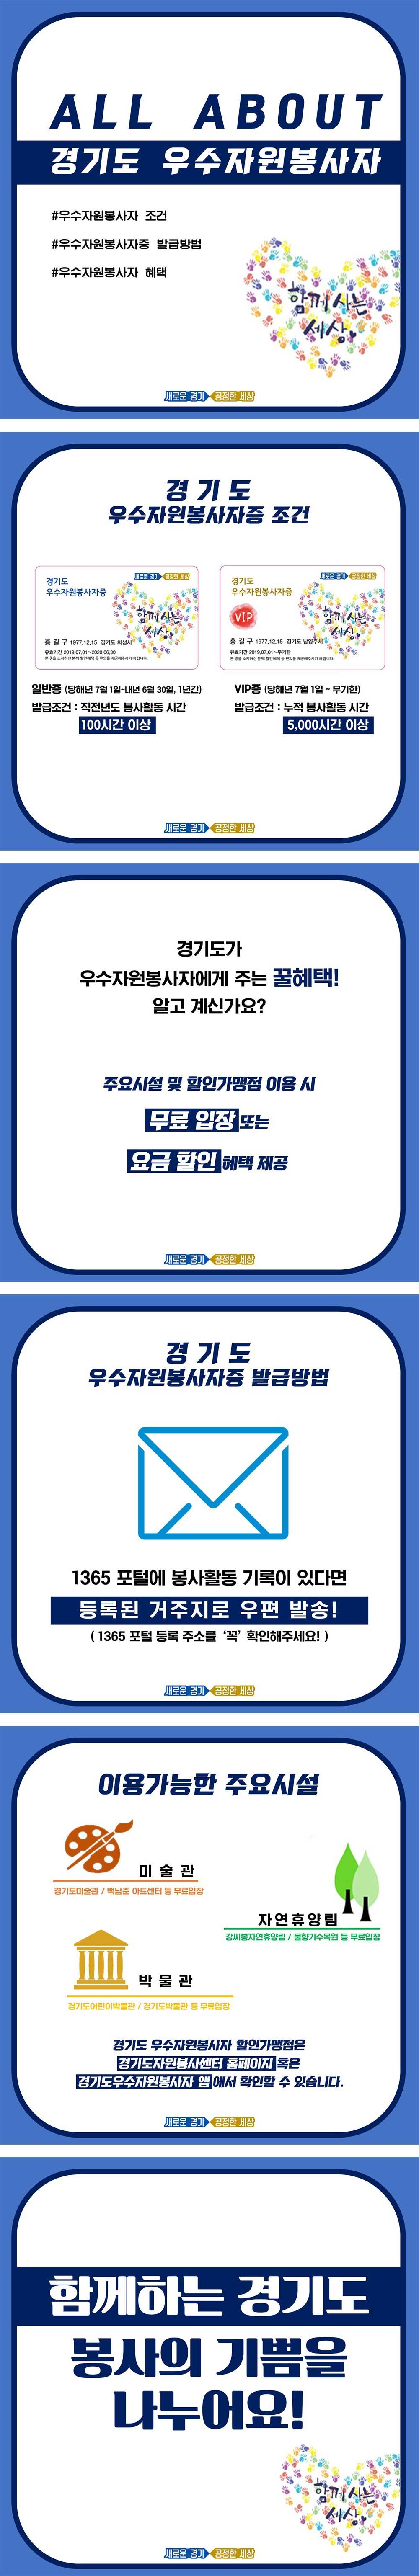 [카드뉴스] 봉사의 기쁨도 나누고! 꿀같은 혜택도 받고! 경기도 우수자원봉사자증을 소개합니다!